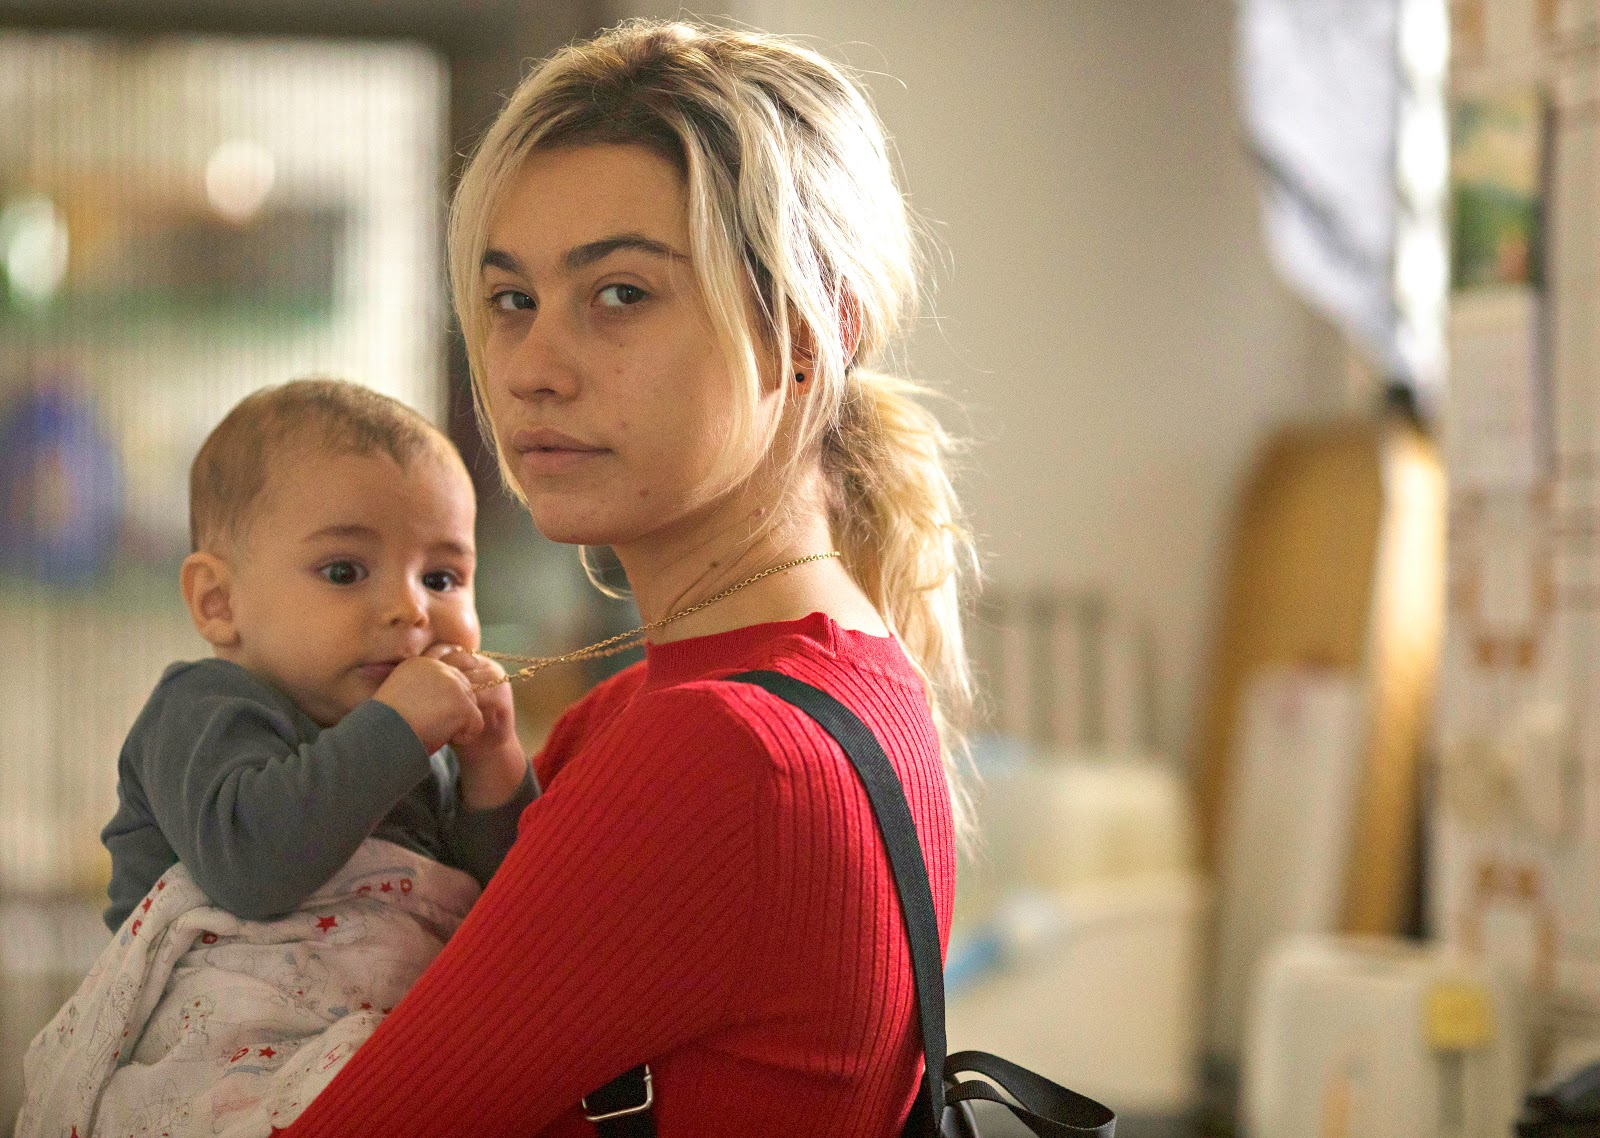 La hija de un ladrón, estreno de la semana en Márgenes